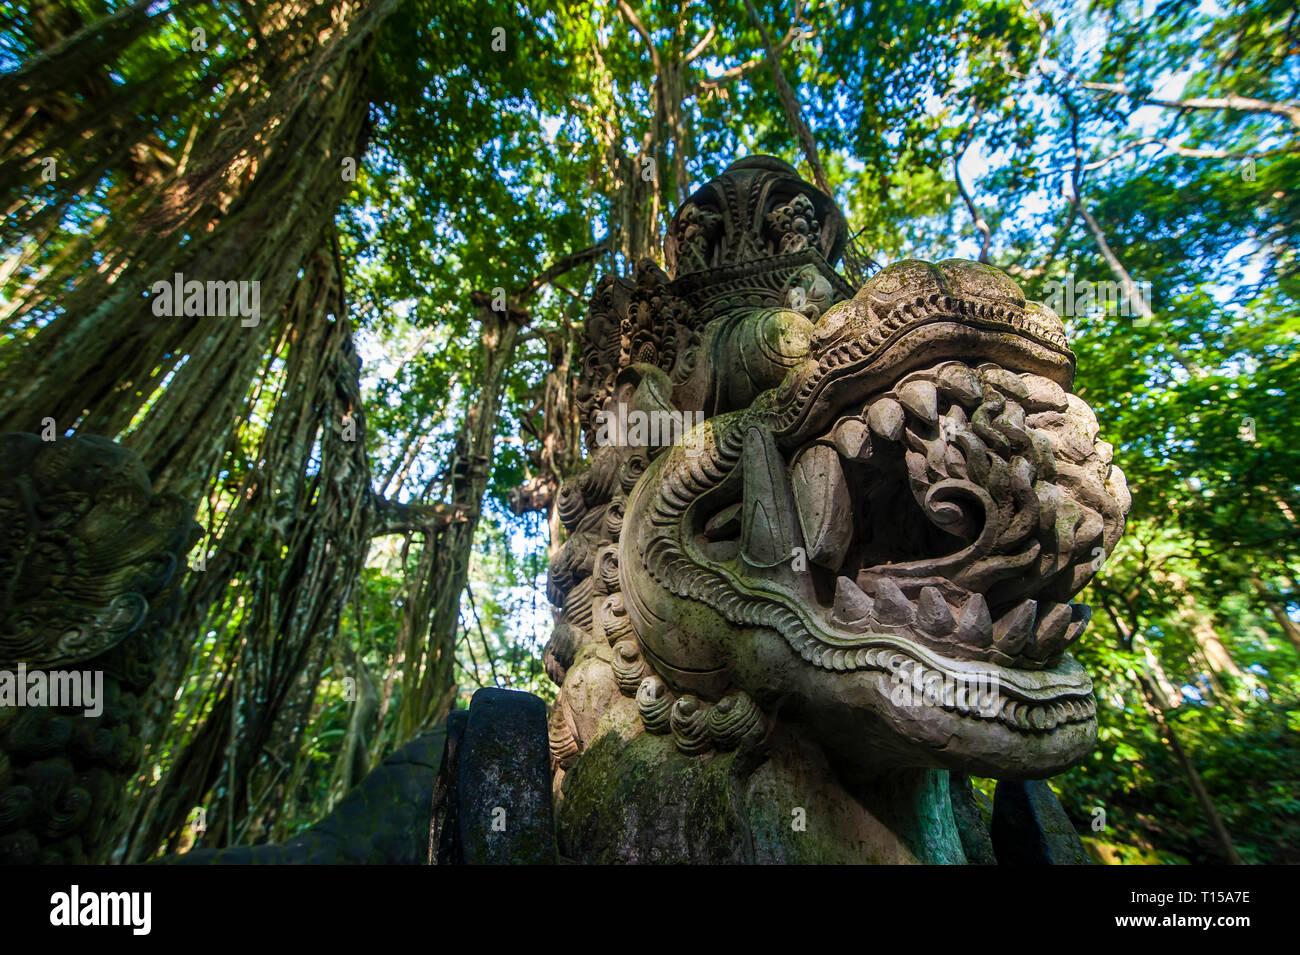 Indonesia, Bali, Ubud Monkey Forest, Stone statue of dragon - Stock Image